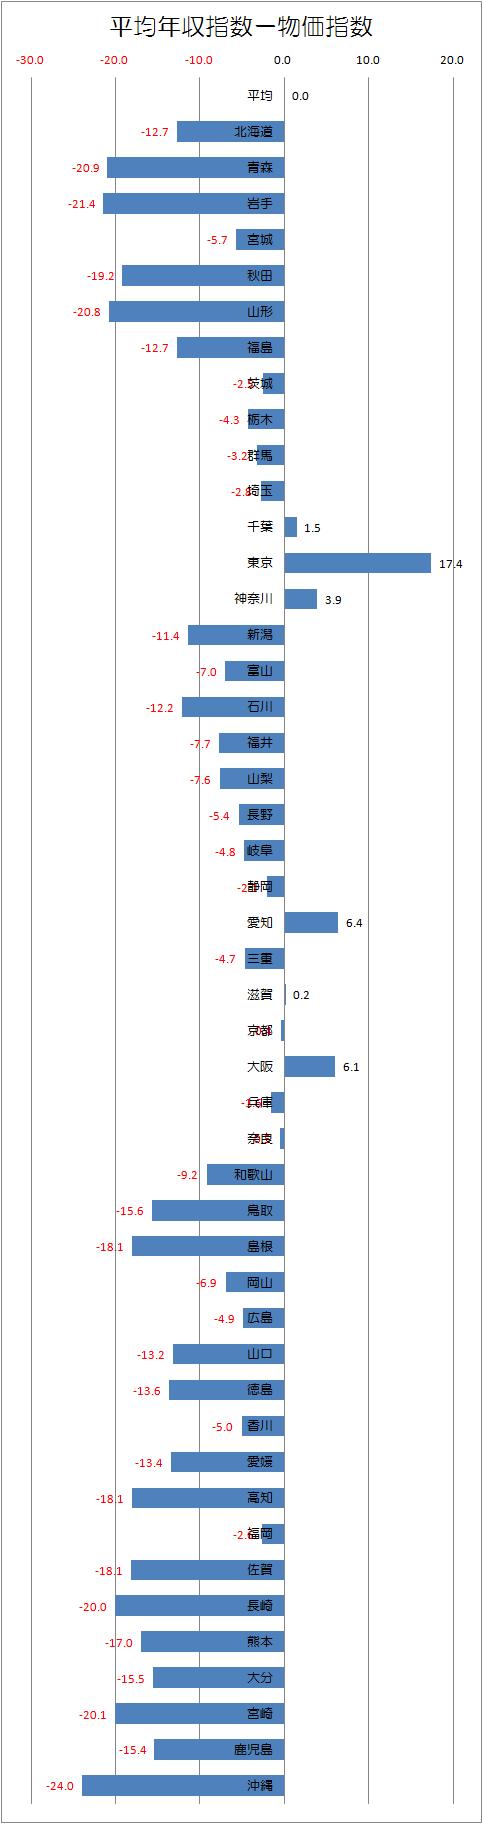 都道府県別平均年収と物価の差.png